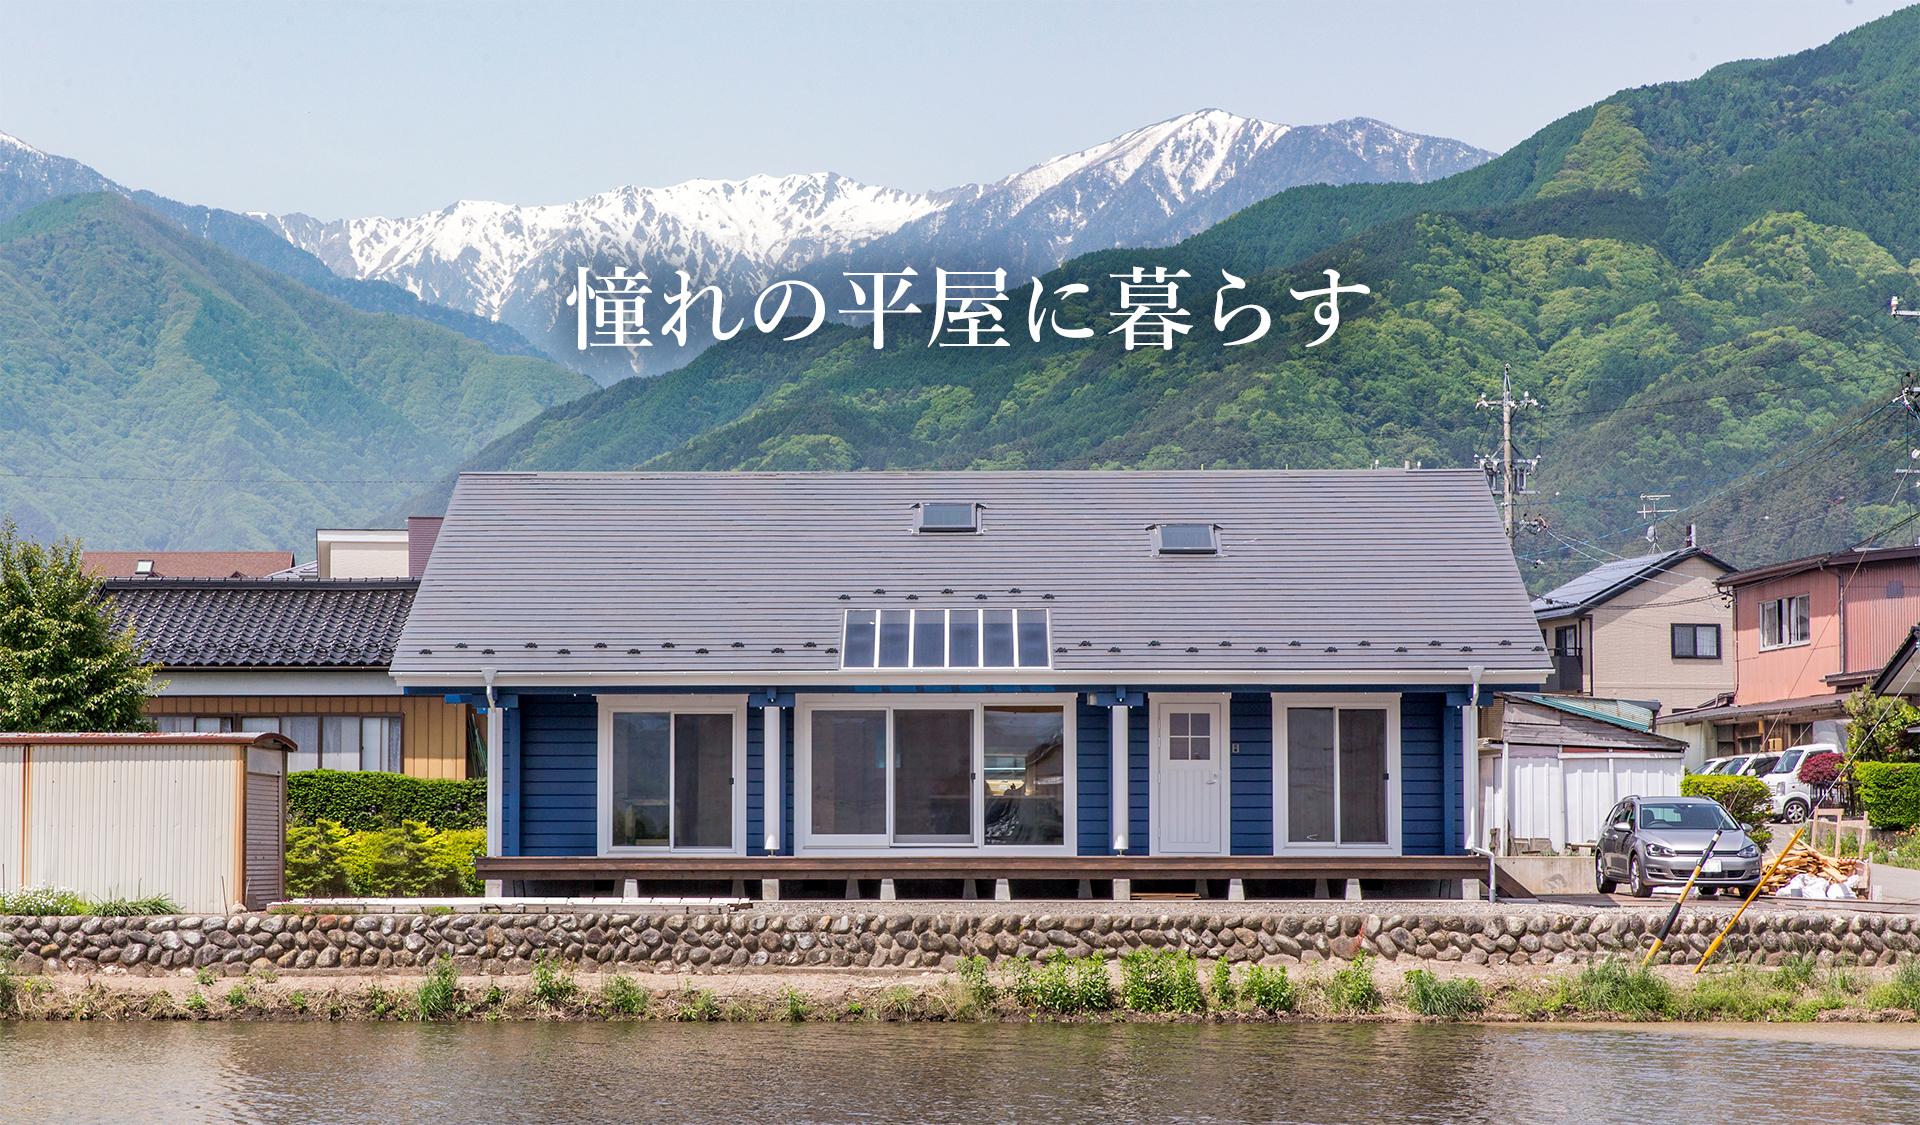 【2019 春の平屋キャンペーン】